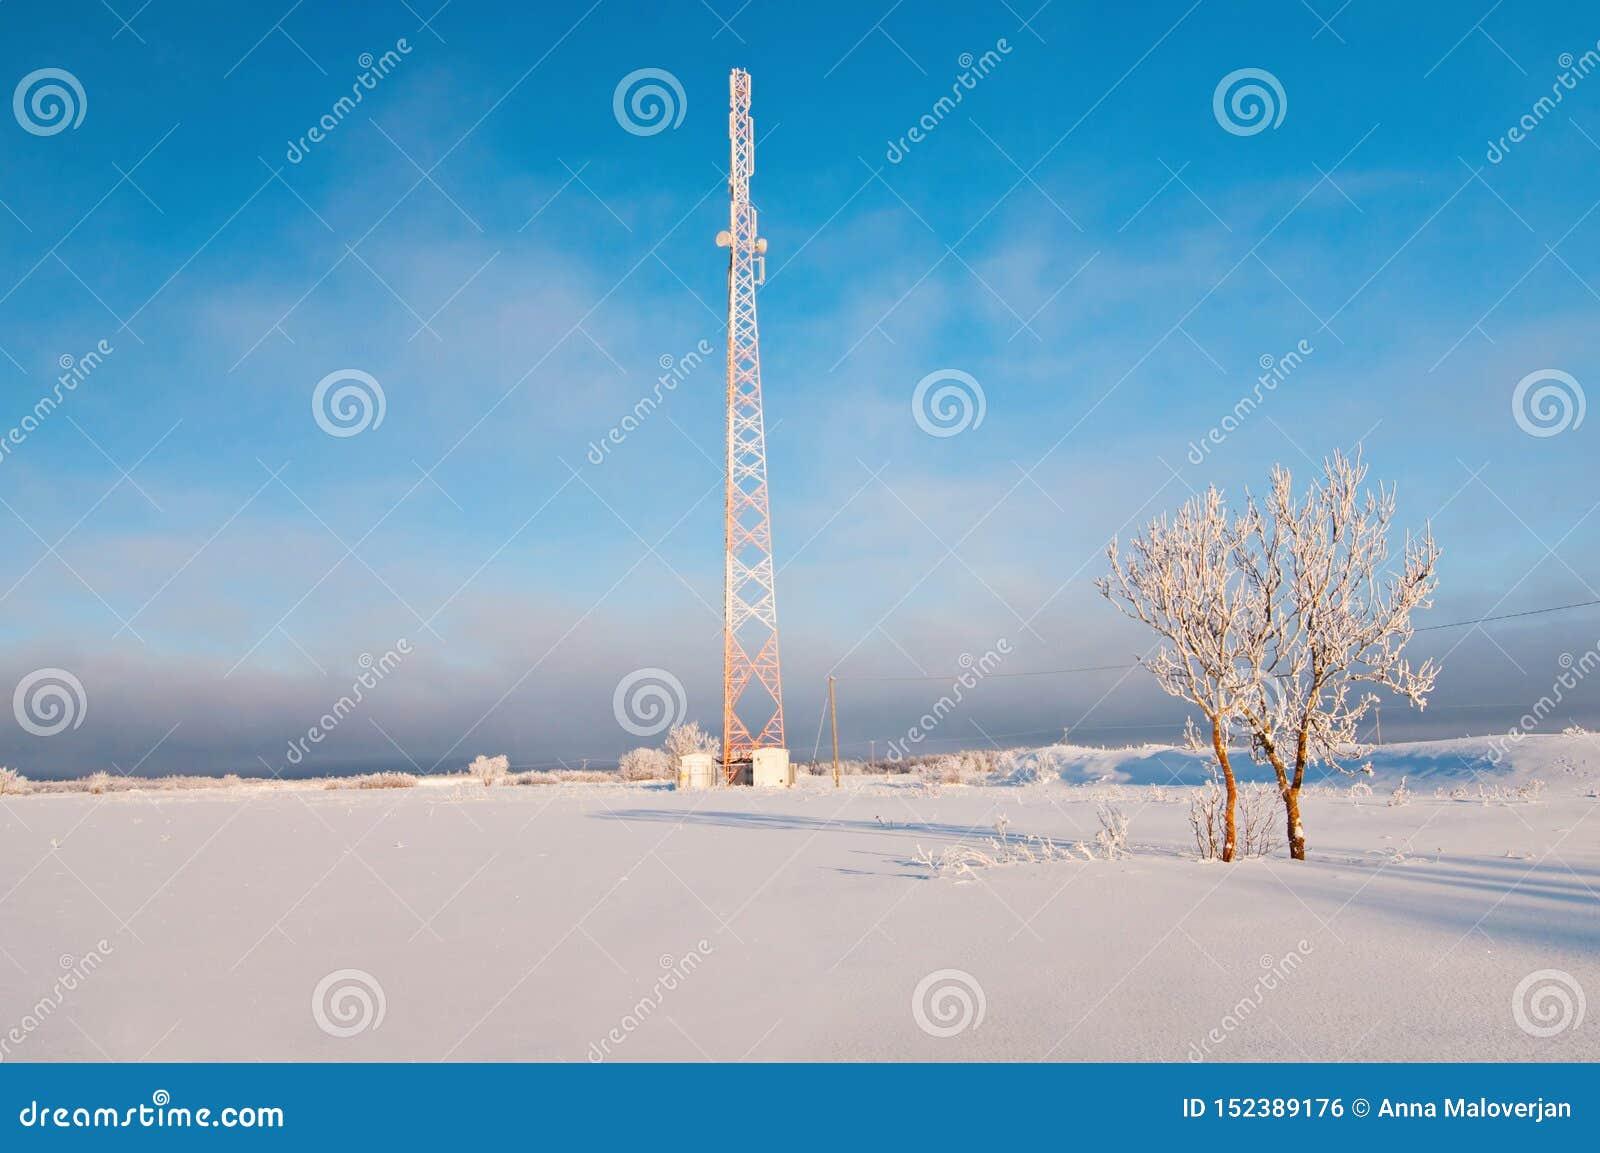 Ραδιο πύργος το χειμώνα